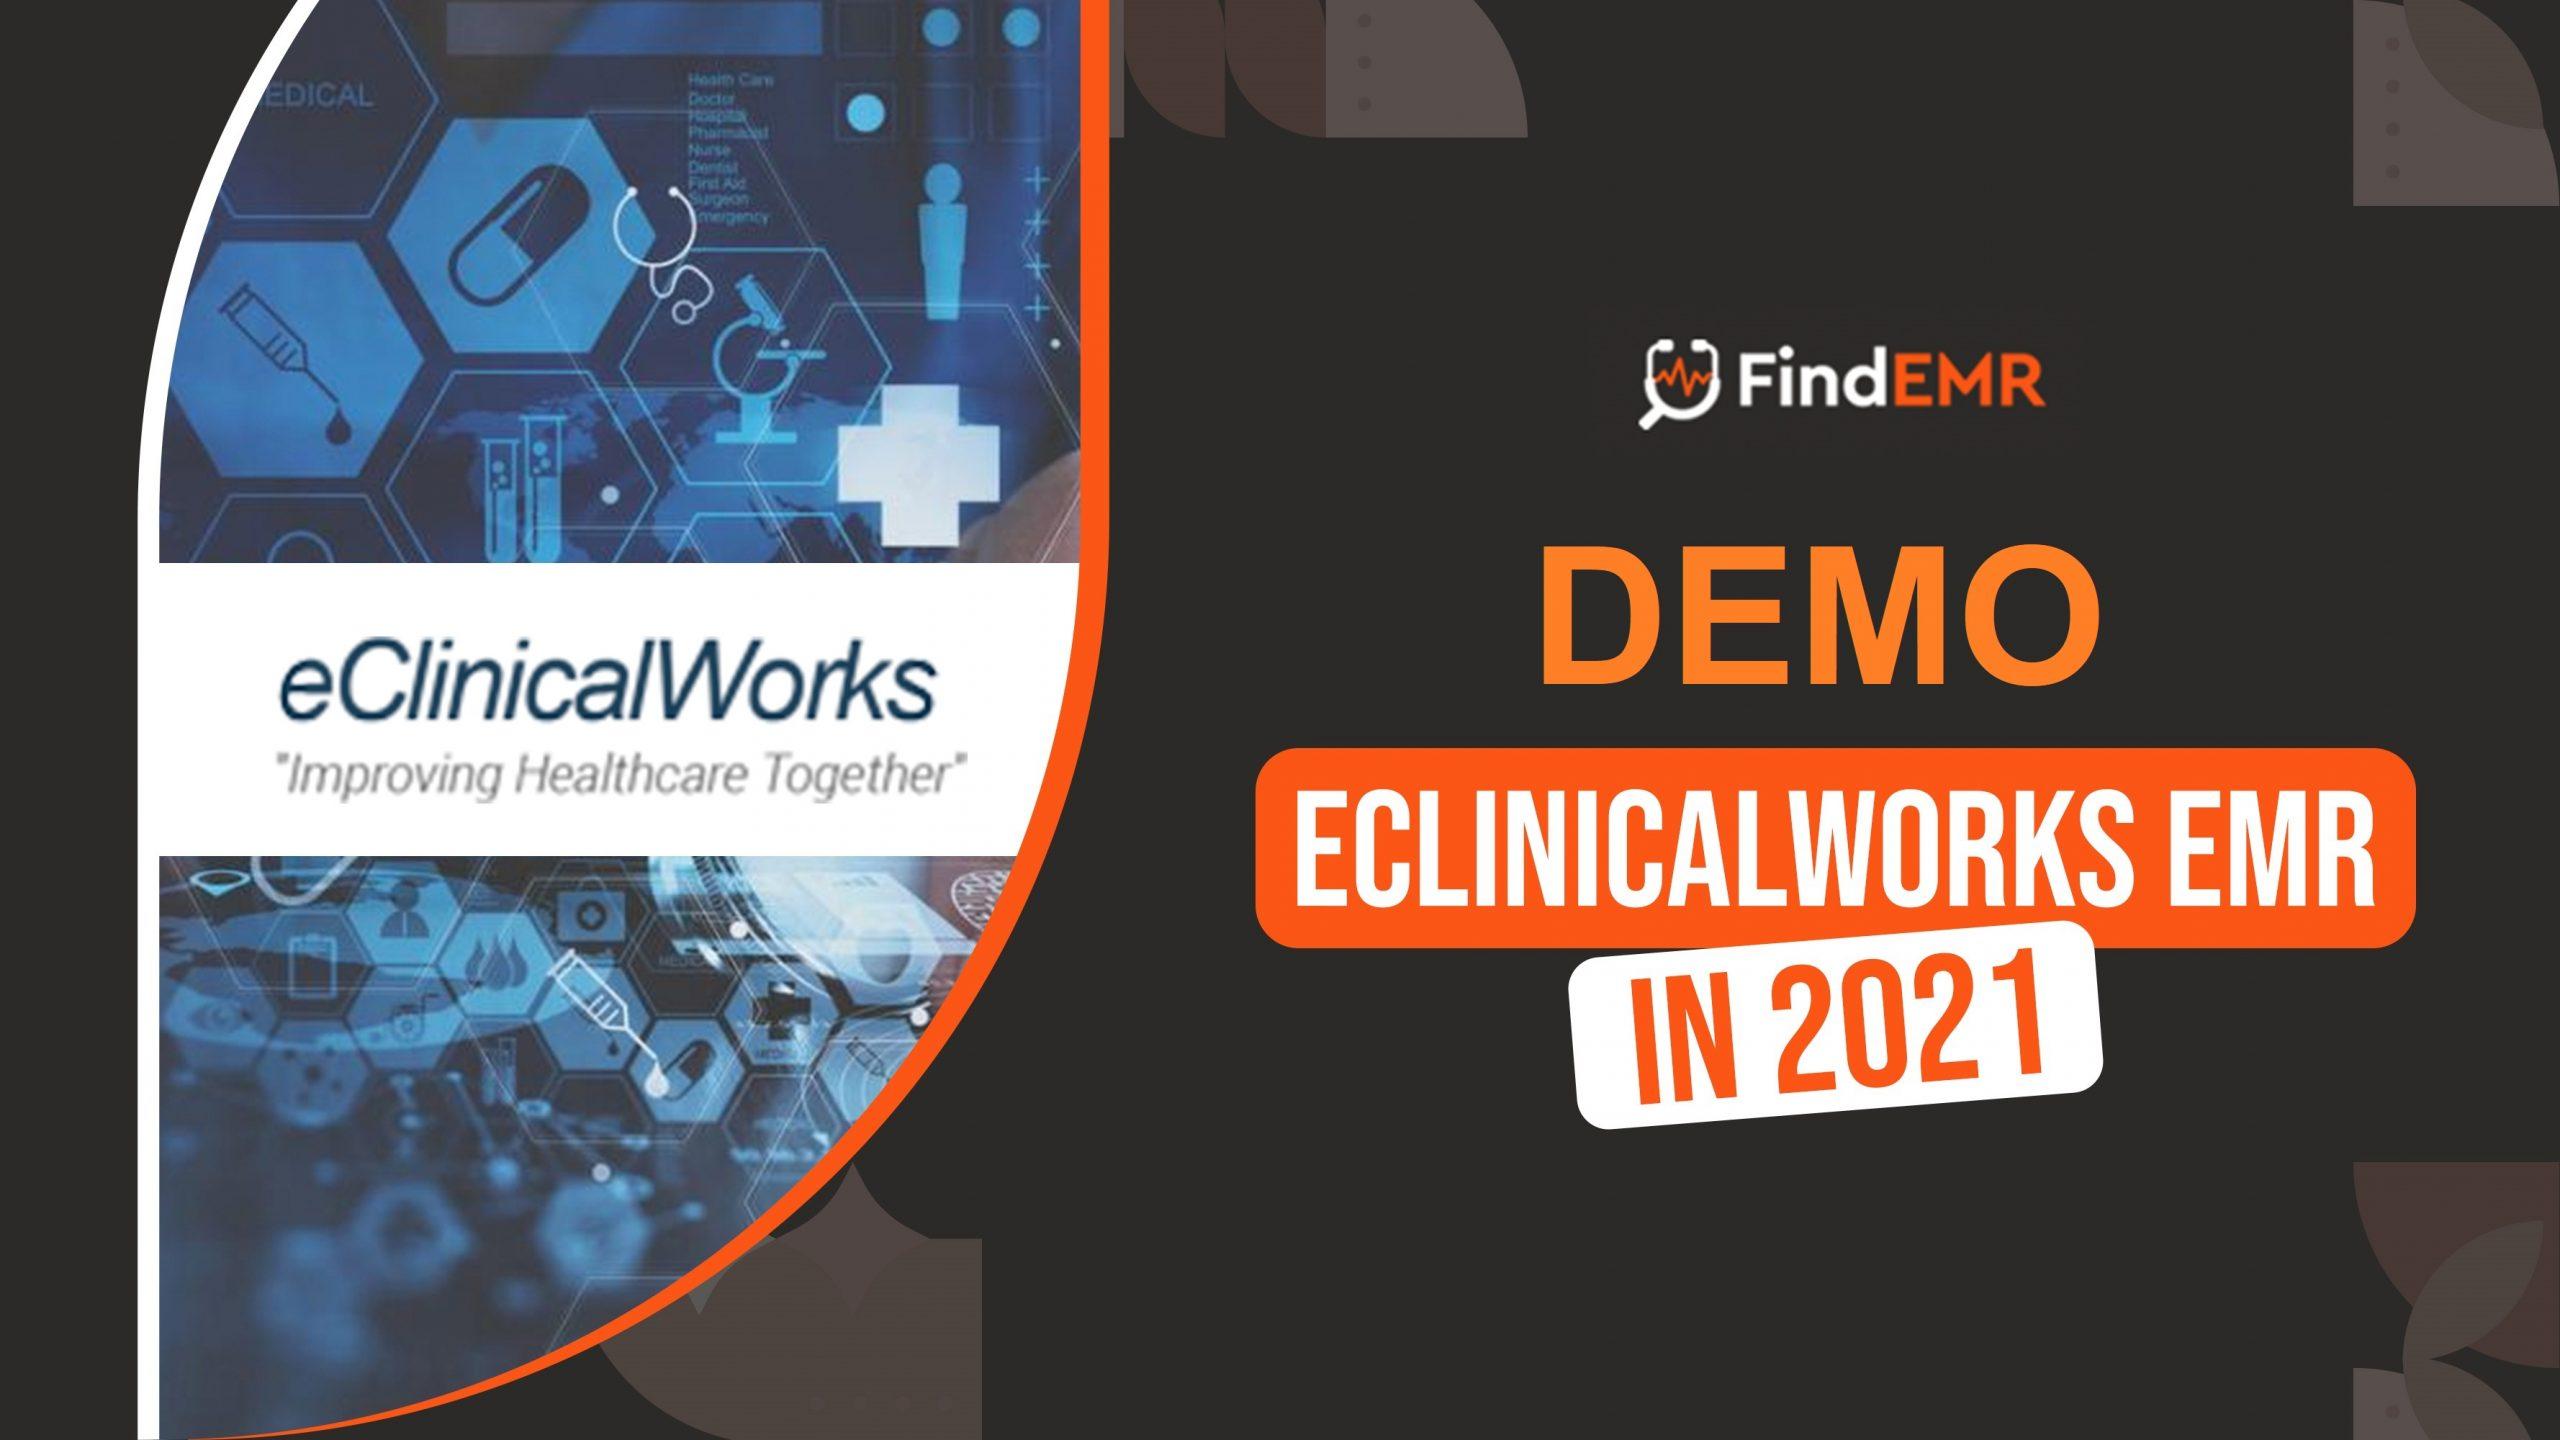 eClinicalWorks EMR